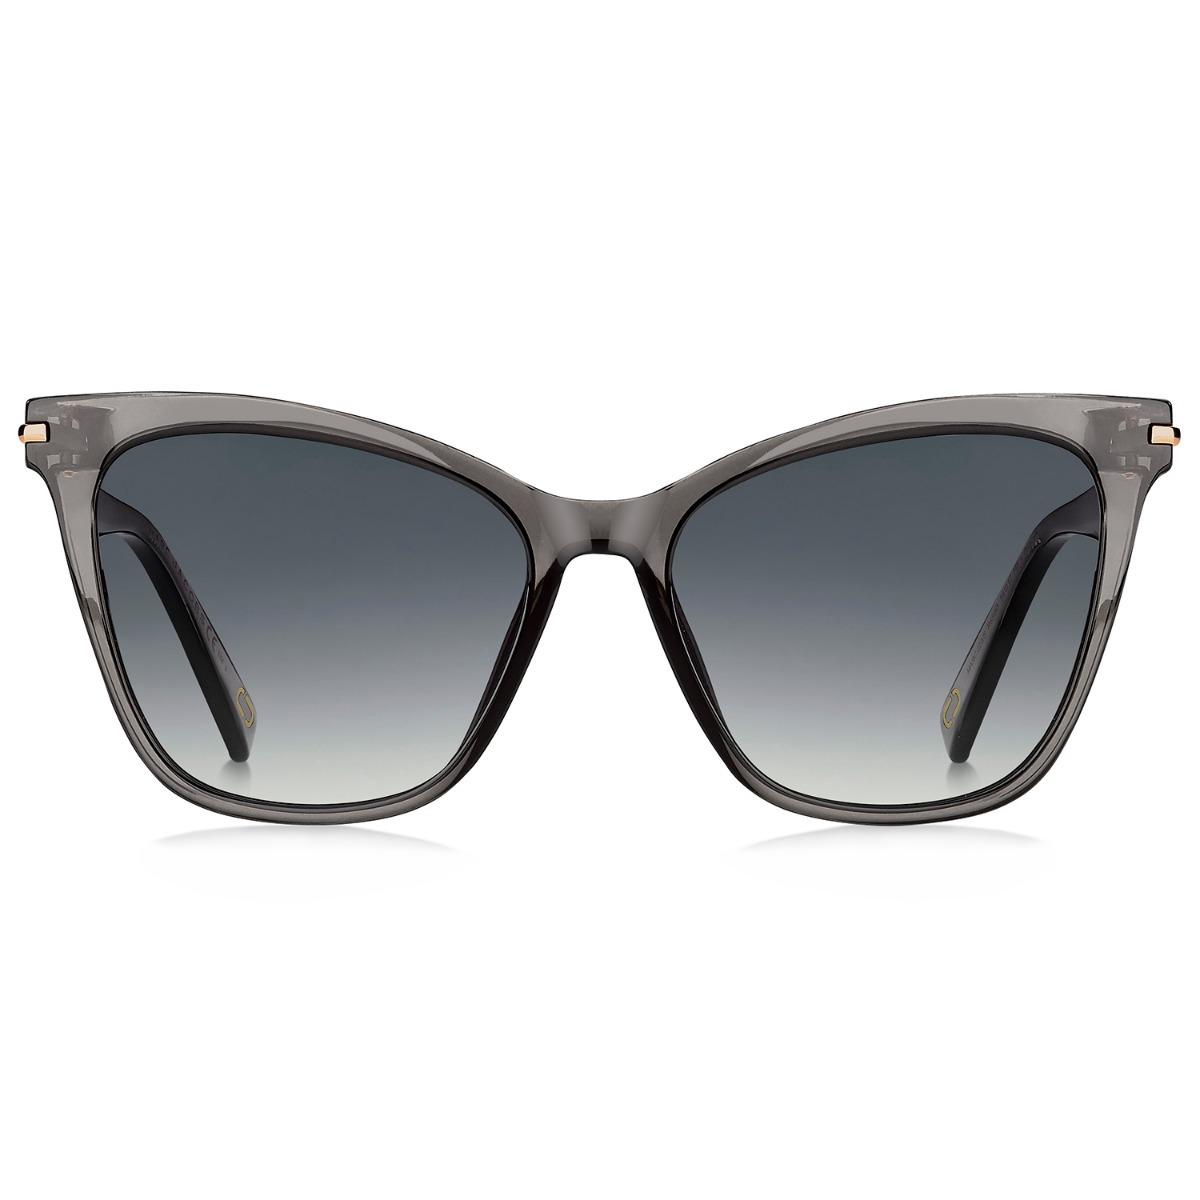 3412191569591 Lentes De Sol Marc Jacobs Originales 223 s Mujer Moda Gato ...